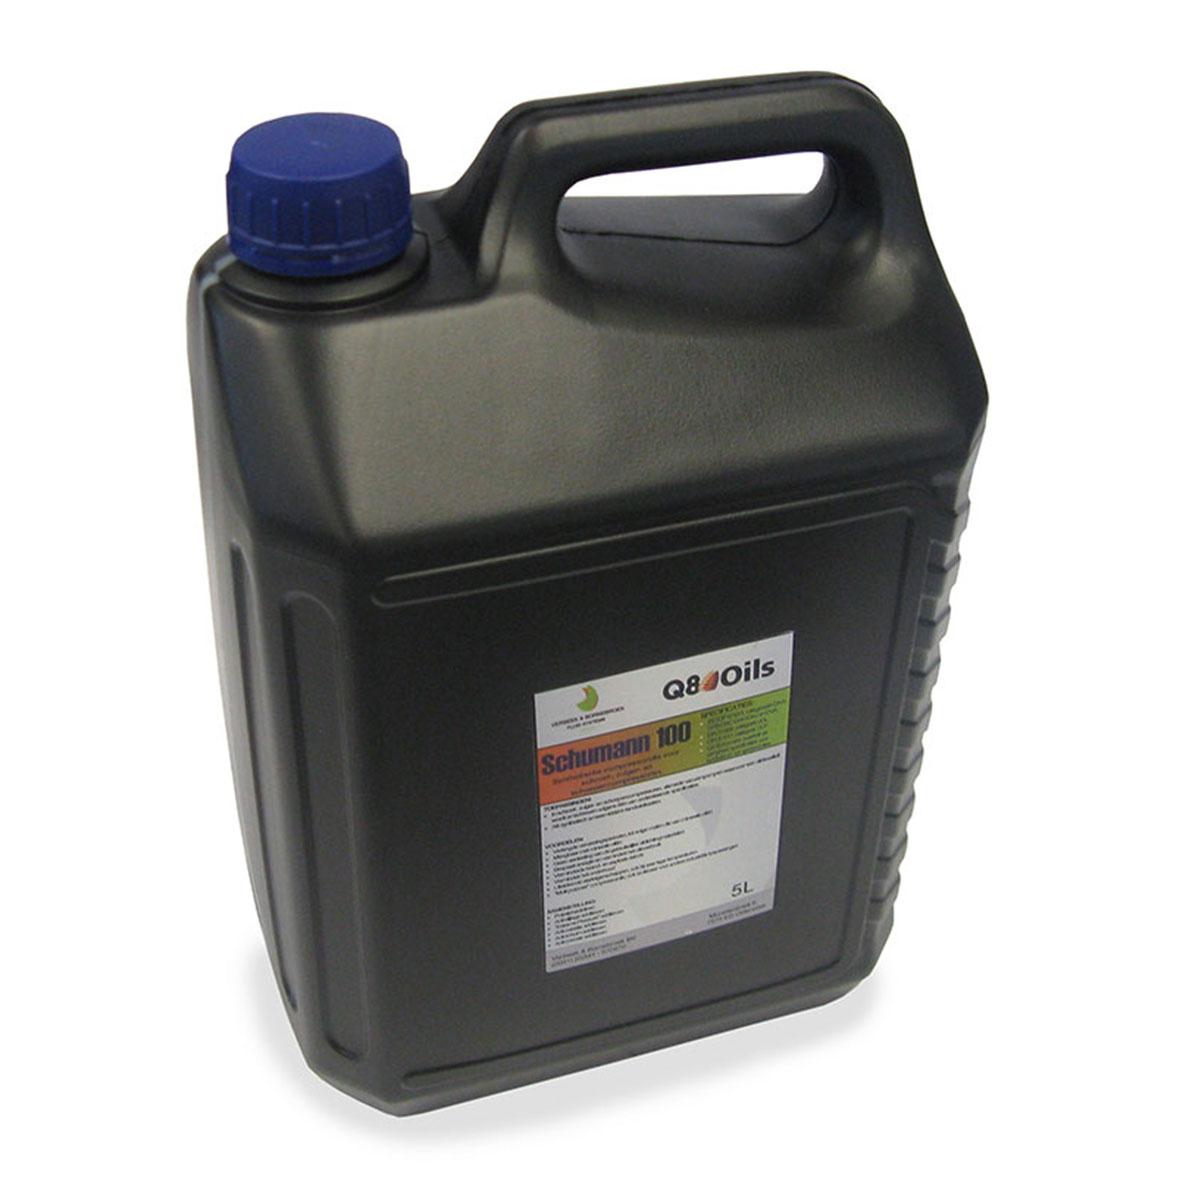 vacuumpump oil 5 litre for hbtb